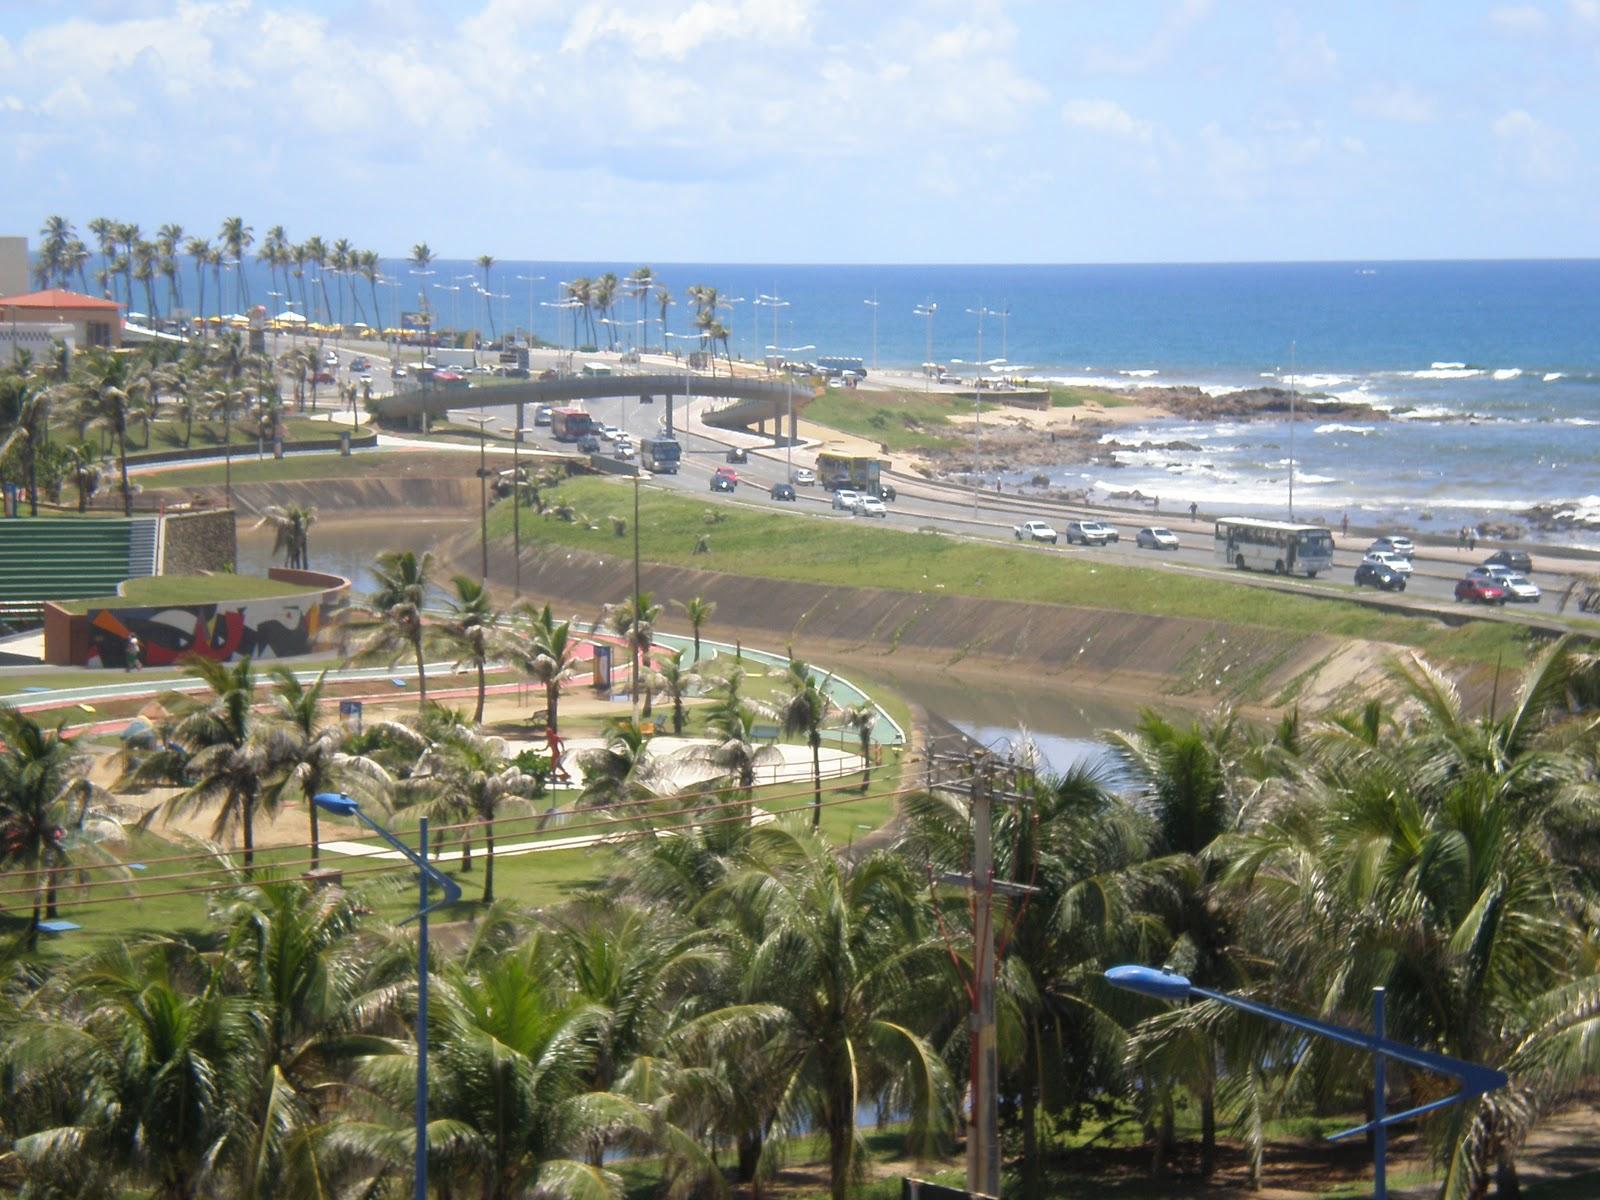 #2F619C PARQUE COSTA AZUL À ESQUERDA AV. OCEÂNICA E A EXUBERÂNCIA DO  1600x1200 px Banheiro Do Parque Costa Azul 3345